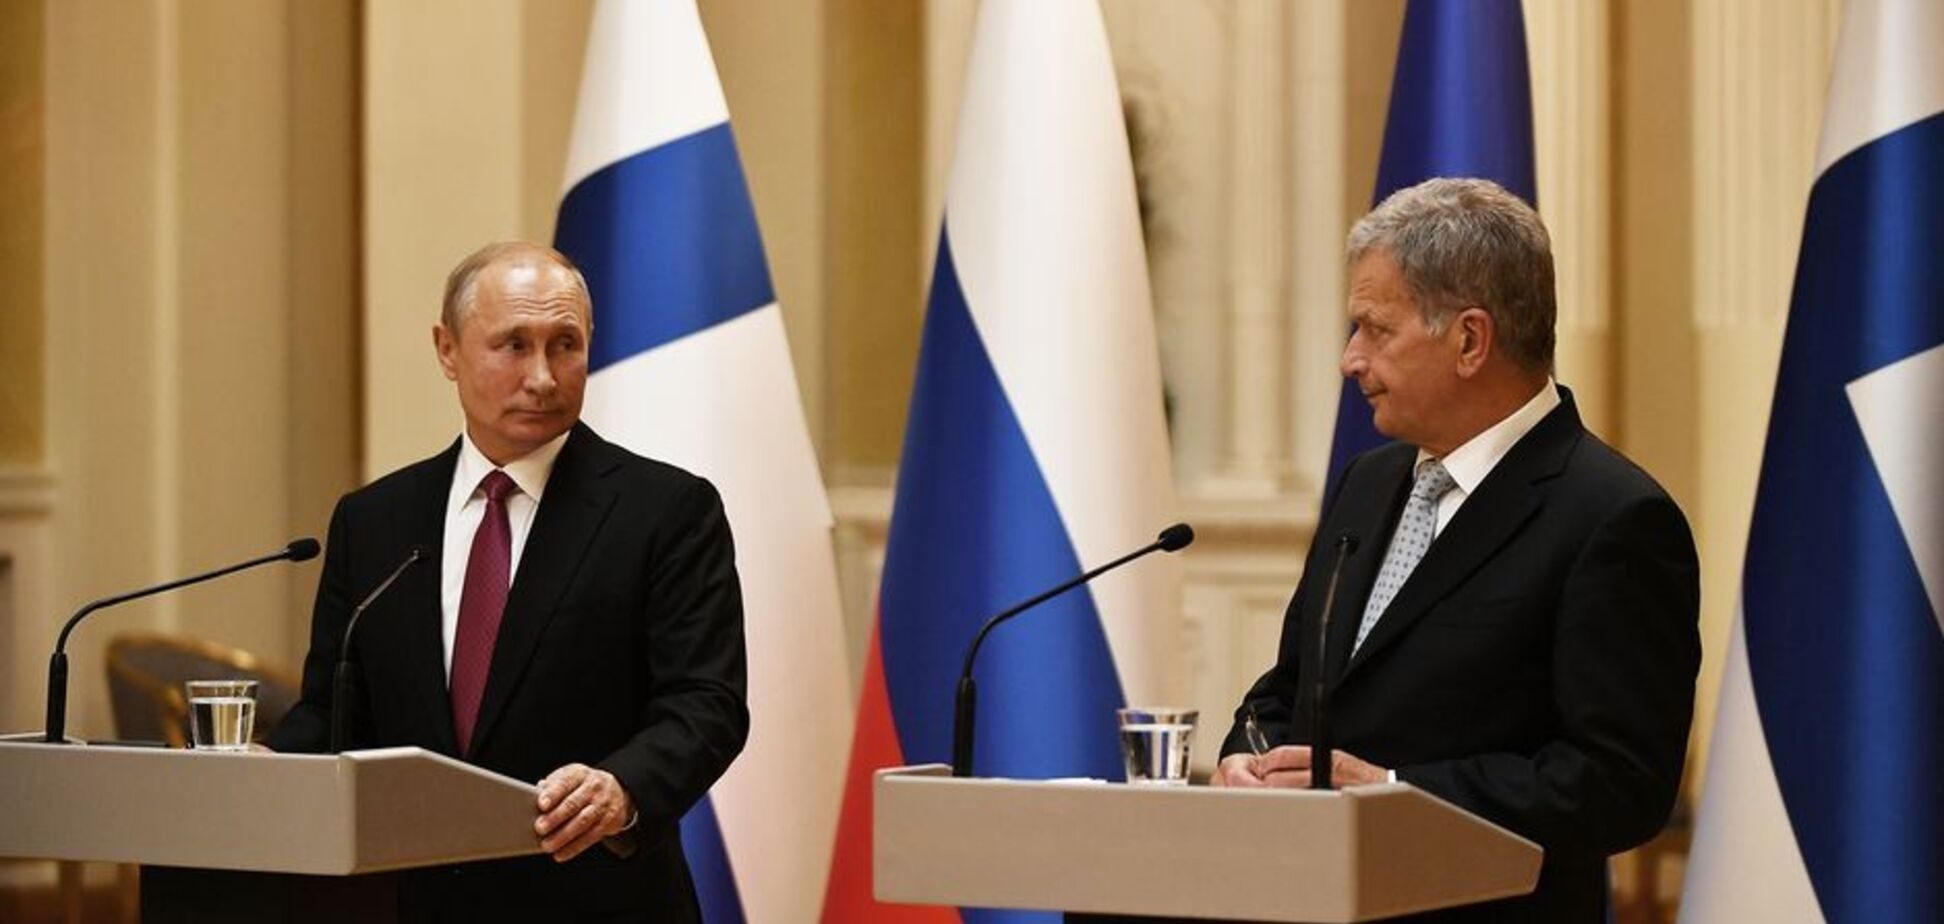 Фінляндія посилила отримання віз для росіян